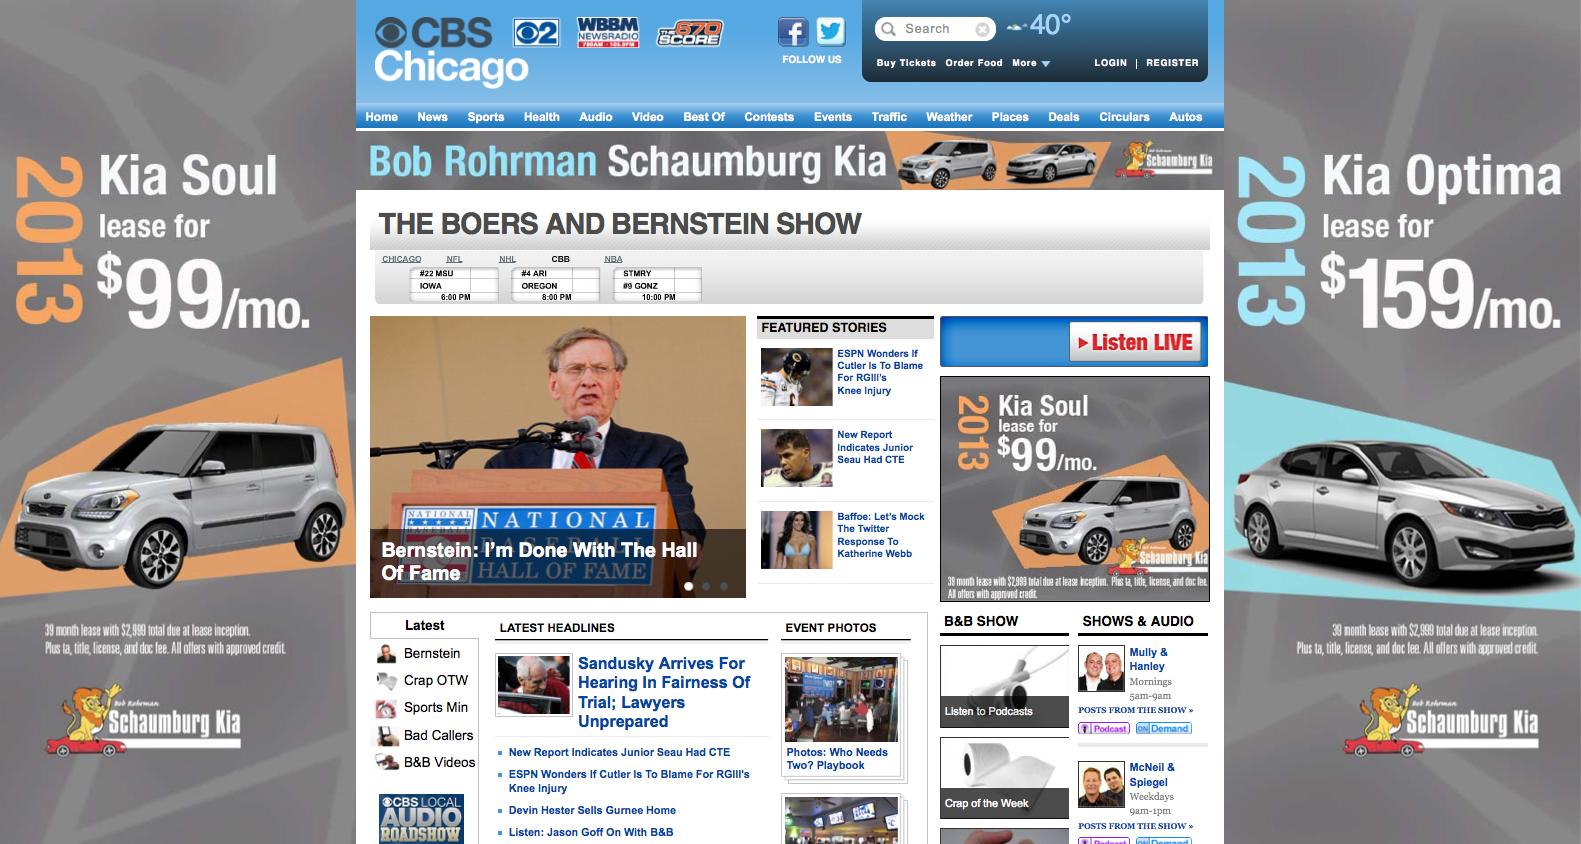 Screen shot 2013-01-10 at 10.20.26 AM.png